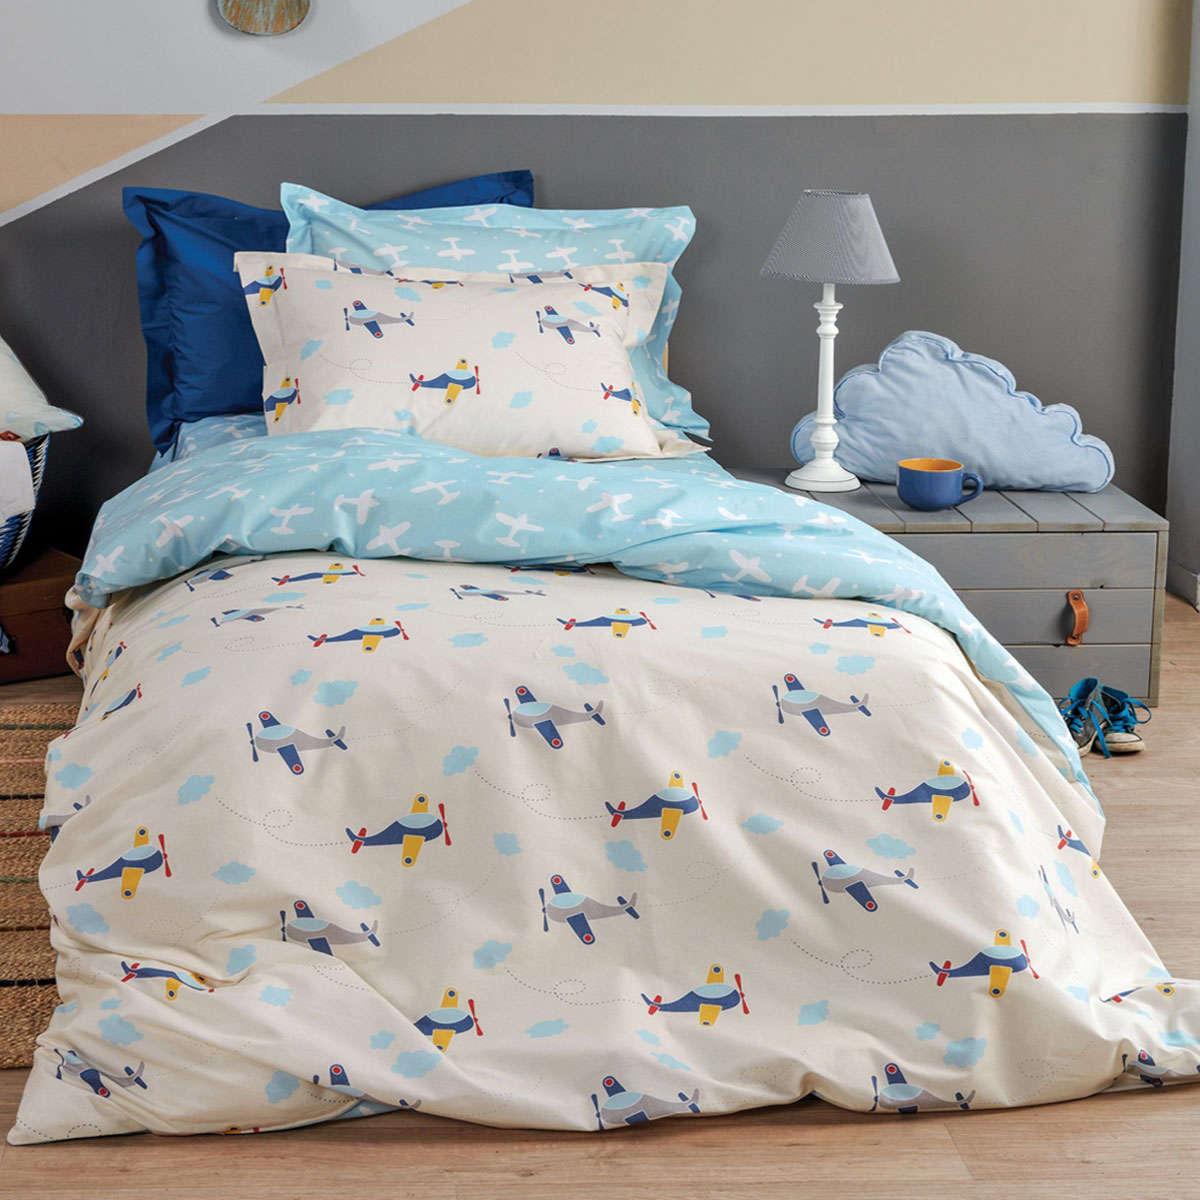 Παιδική Σεντόνι Σετ Wings Blue 3 Τεμ. Kentia Μονό 120x170cm